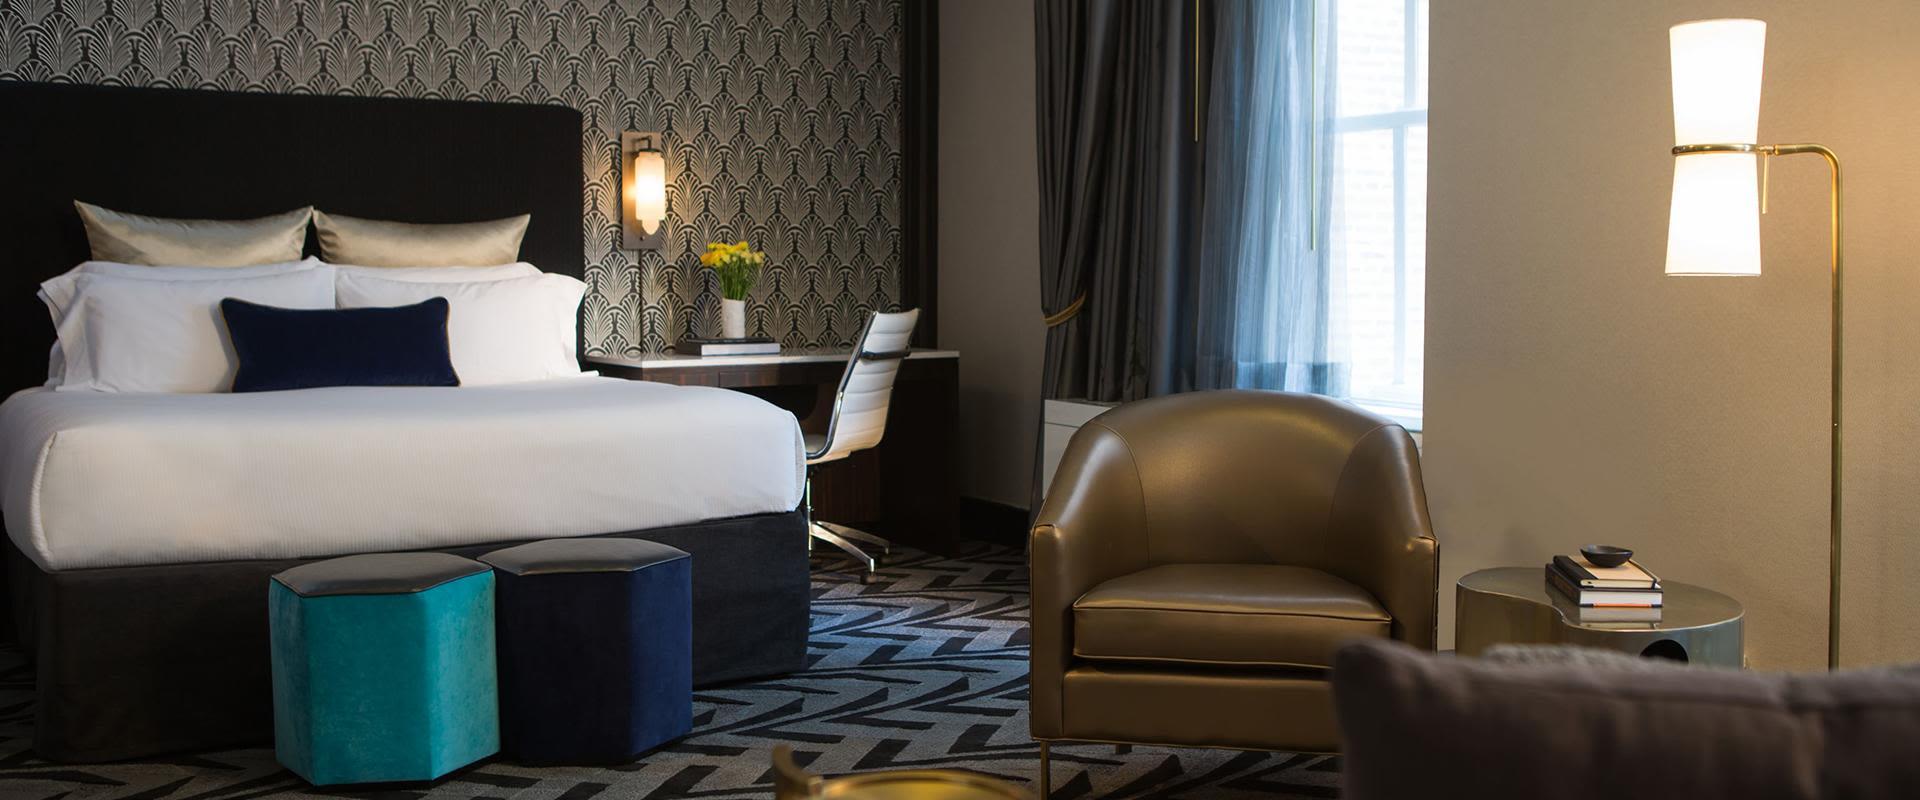 Chicago Loop King Hotel Room